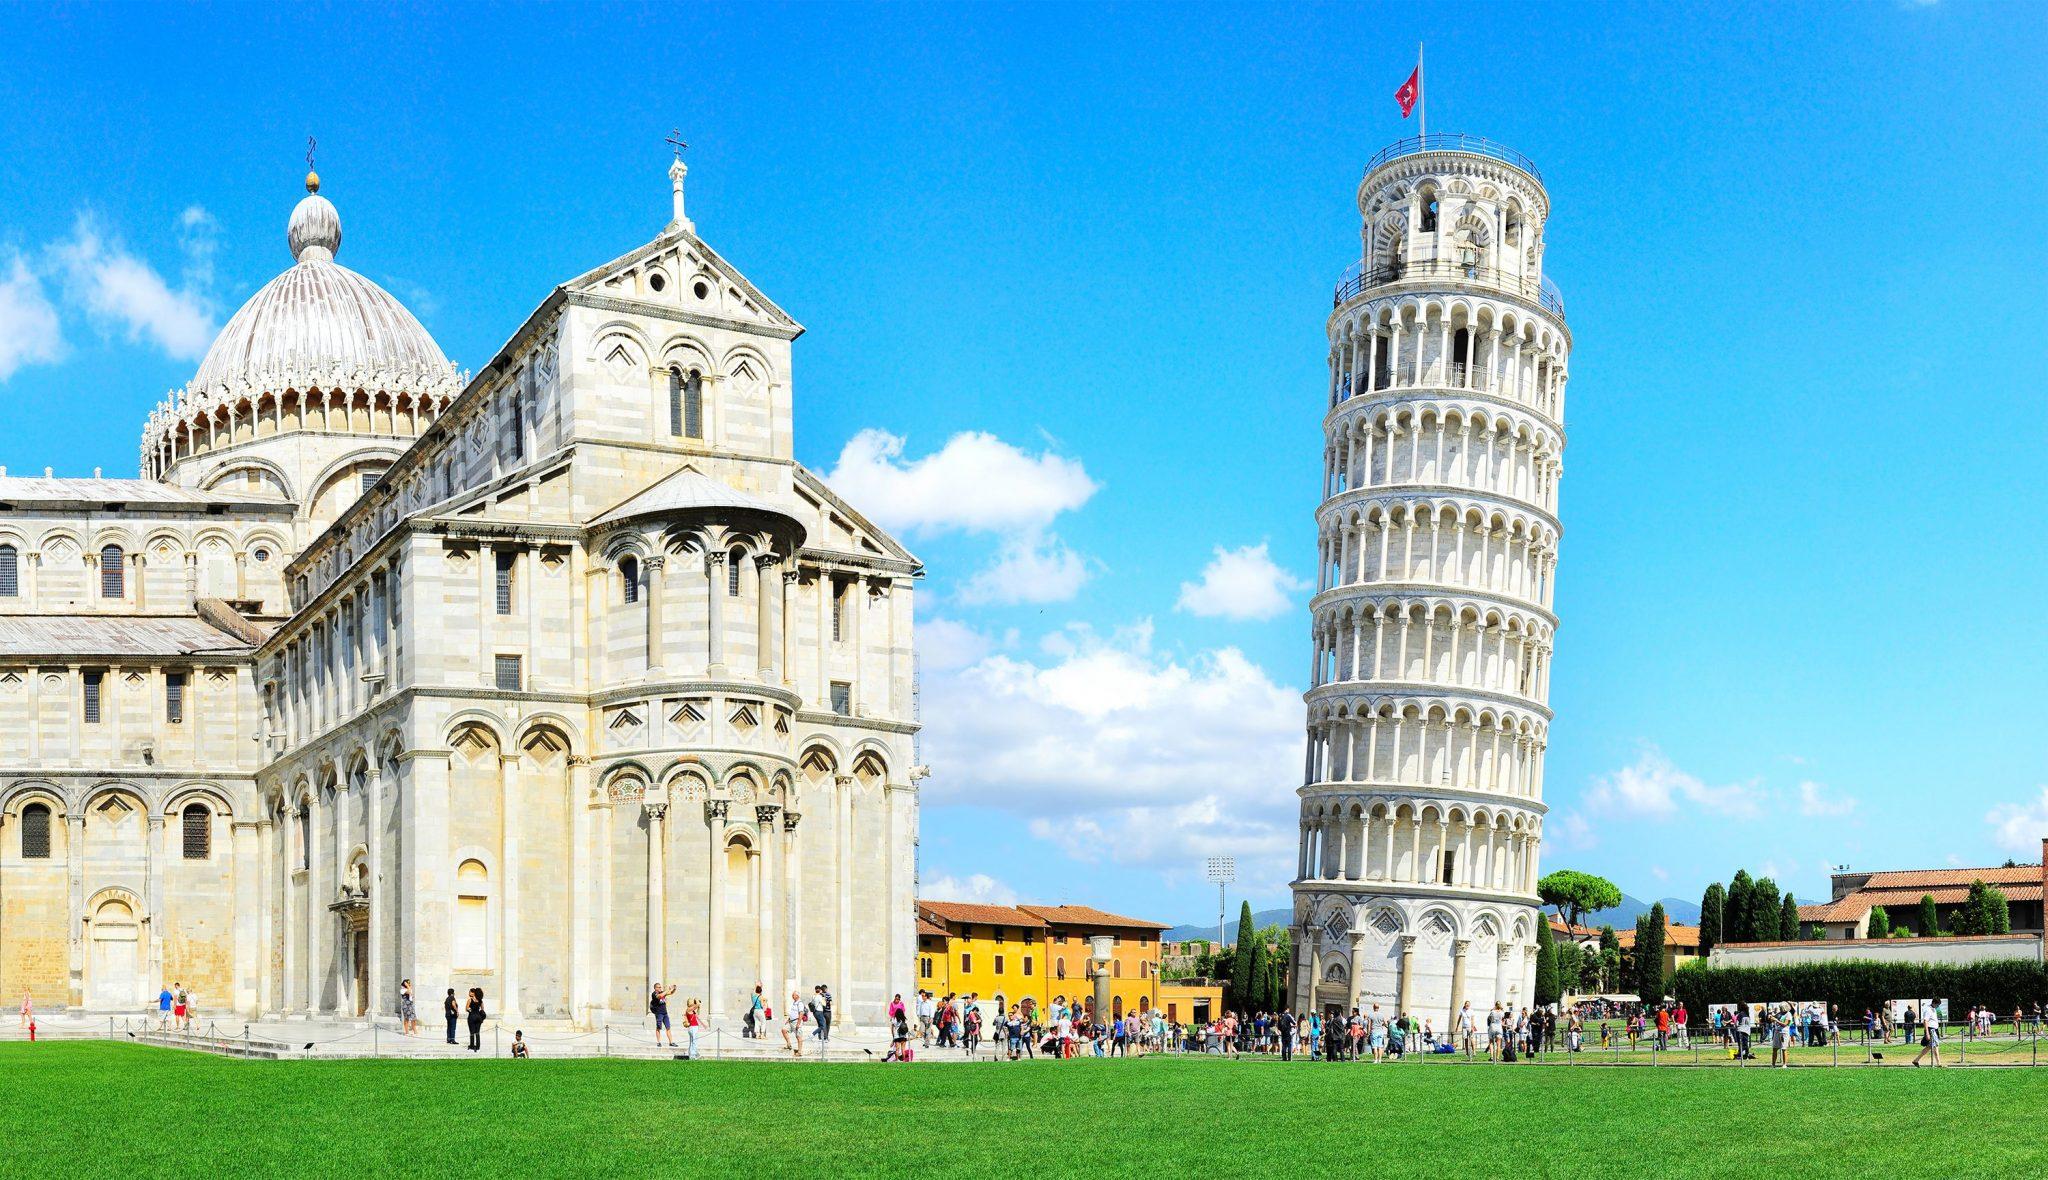 Ο Πύργος της Πίζας, Πίζα, Τοσκάνη, Ιταλία, Ευρώπη